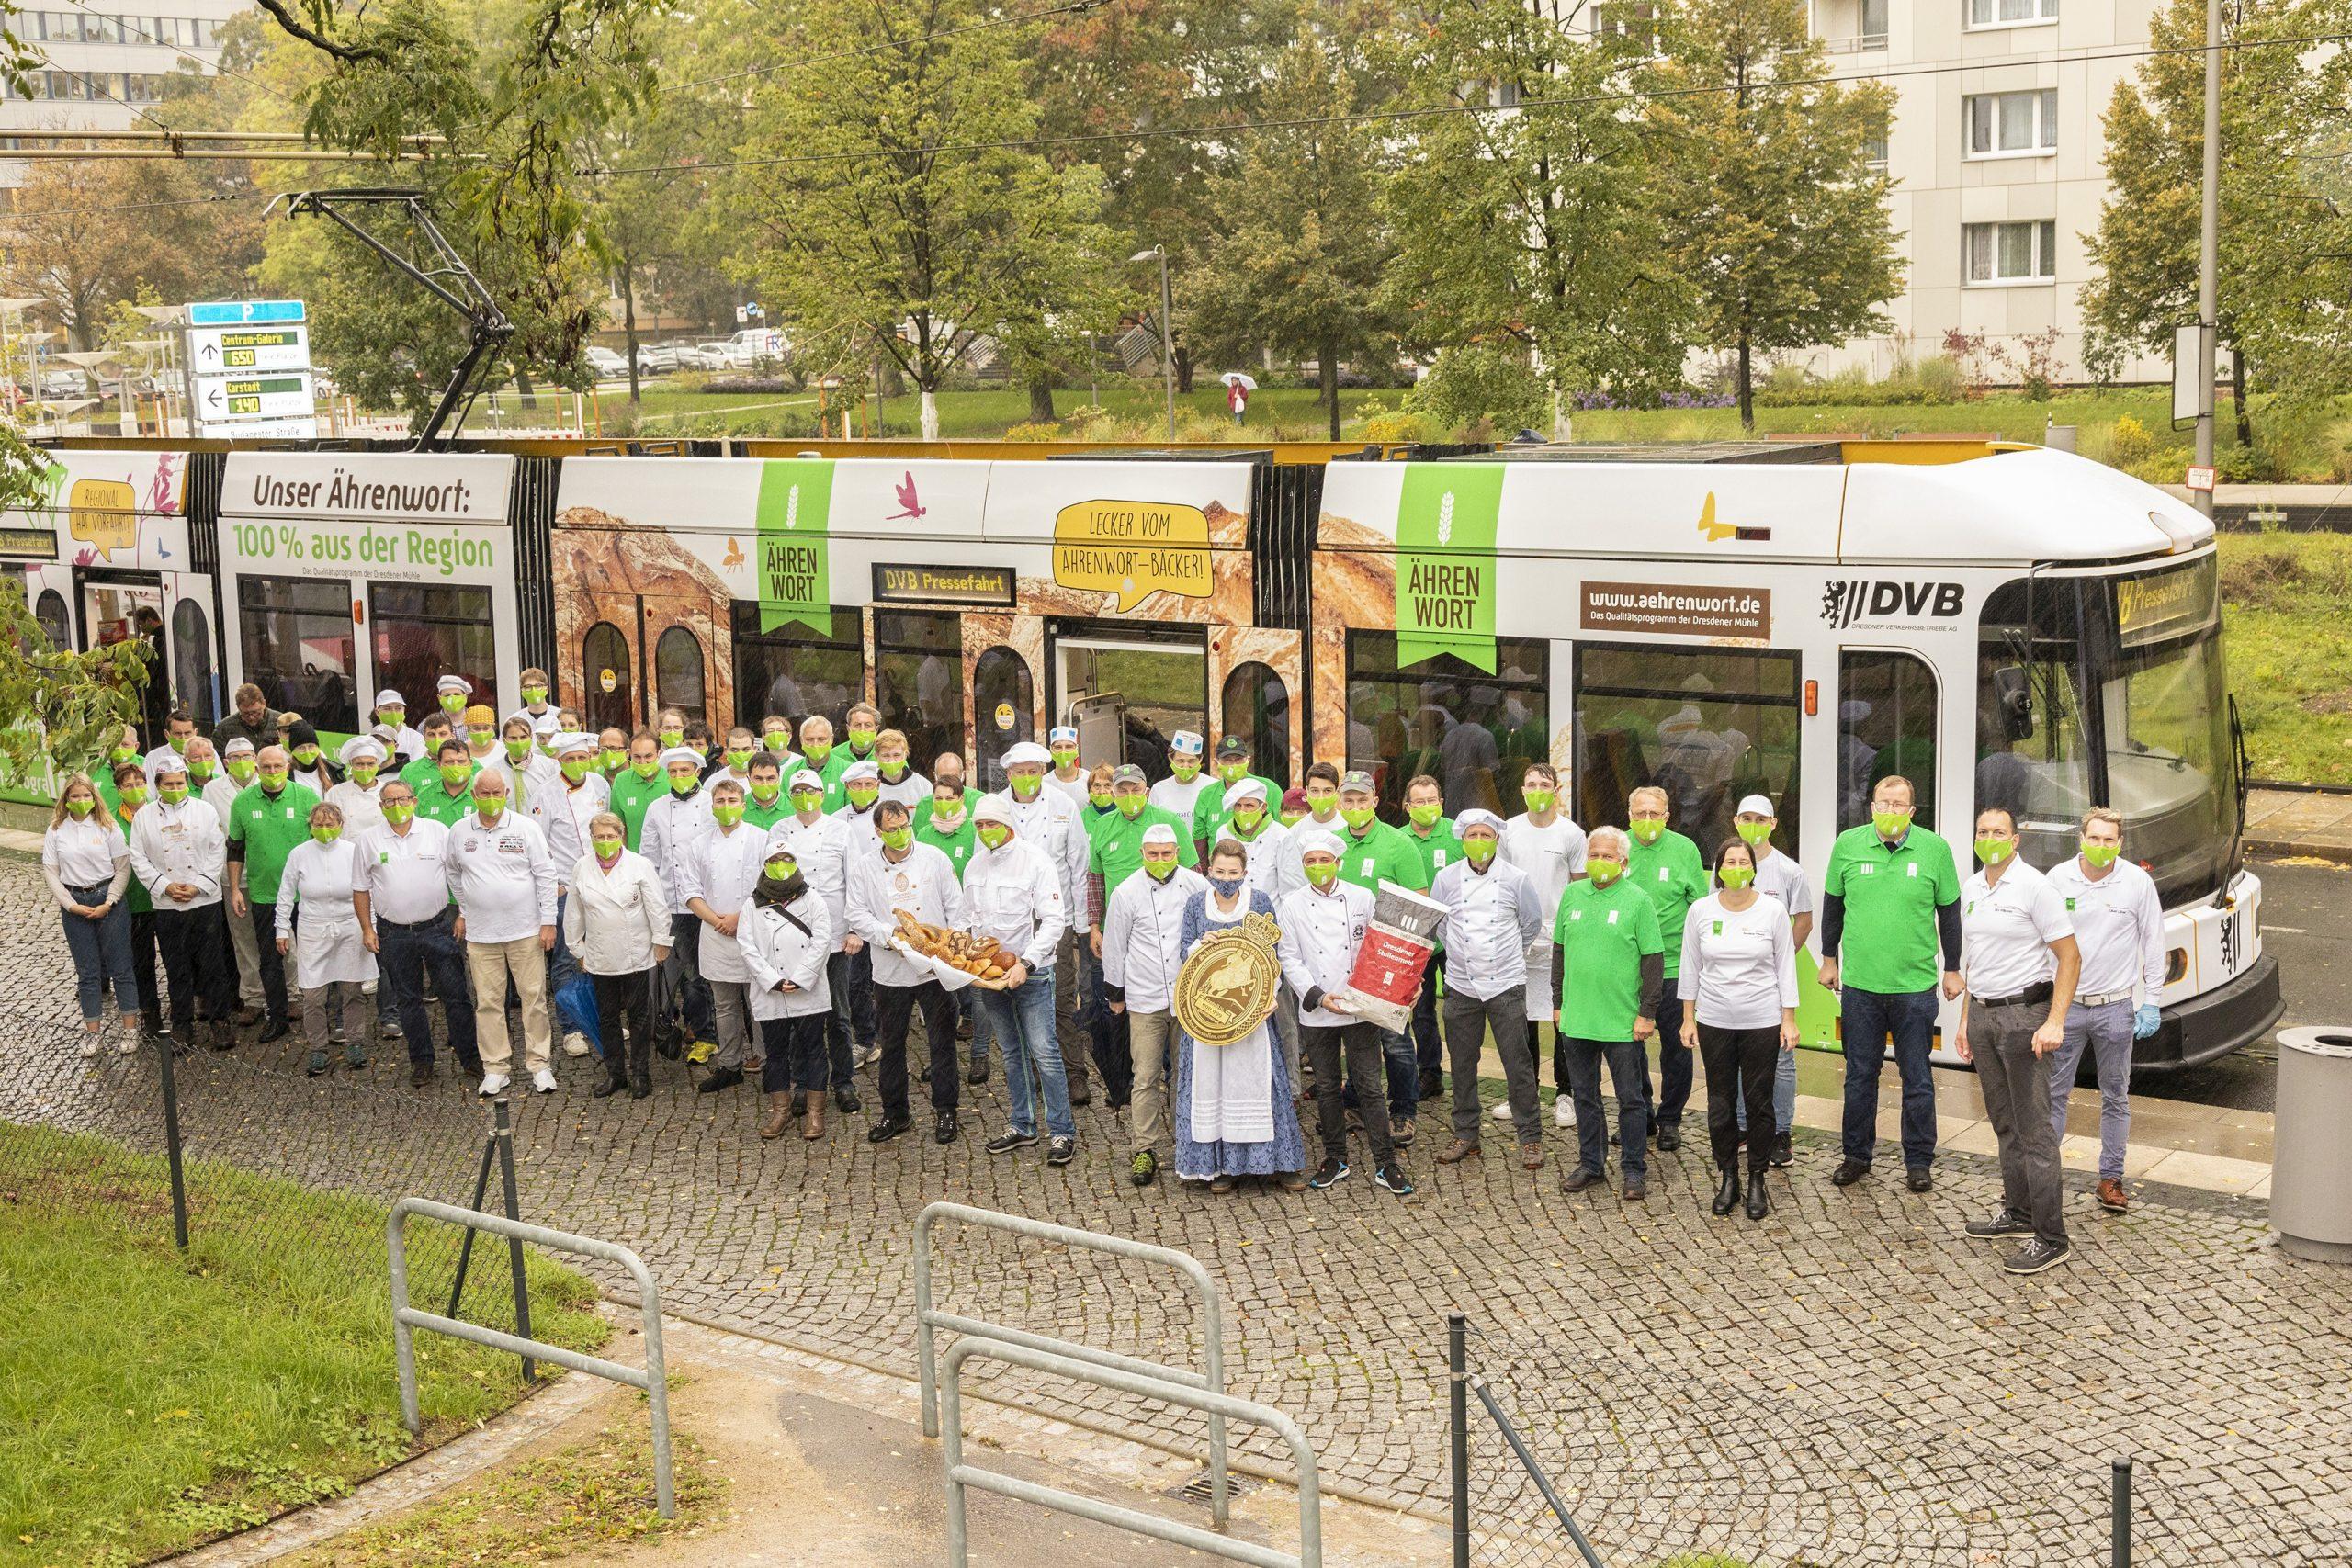 Bäcker, Müller, Landwirte - sie gemeinsam stehen für das Ährenwort-Qualitätsprogramm!